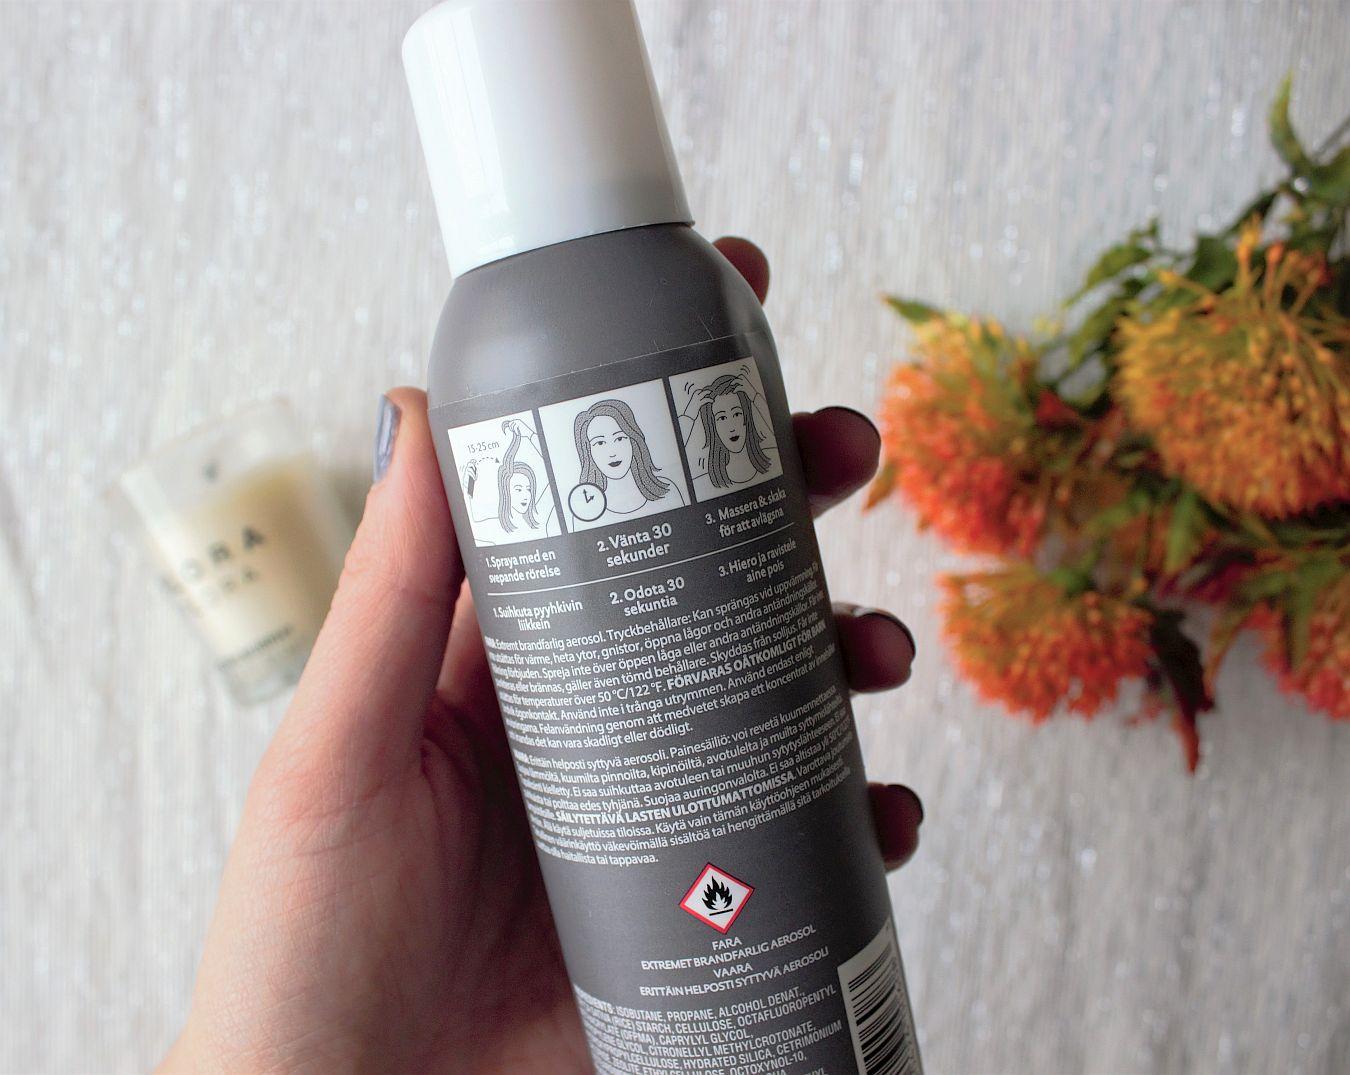 Сух шампоан за коса Living Proof - Perfect Hair Day Dry Shampoo - впечатления и мнение